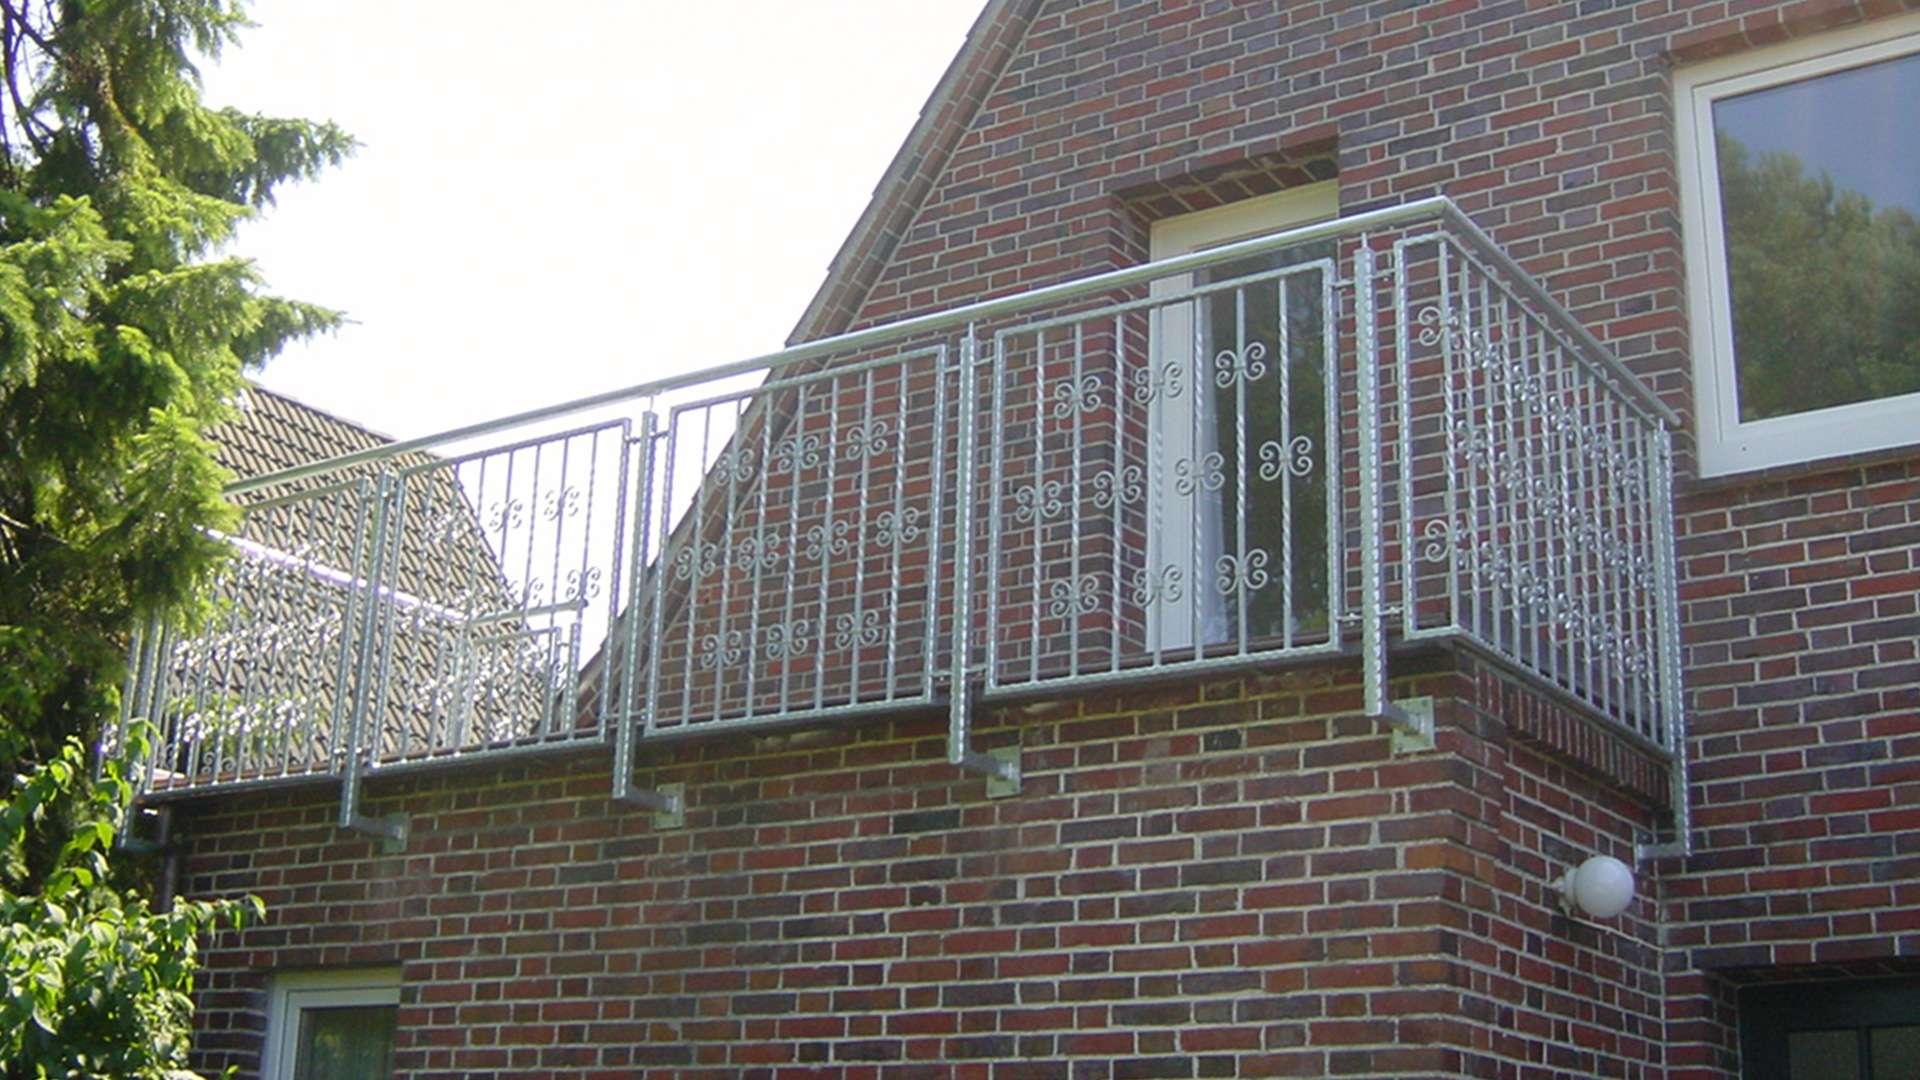 Balkon mit Metallgeländer an einem Wohnhaus